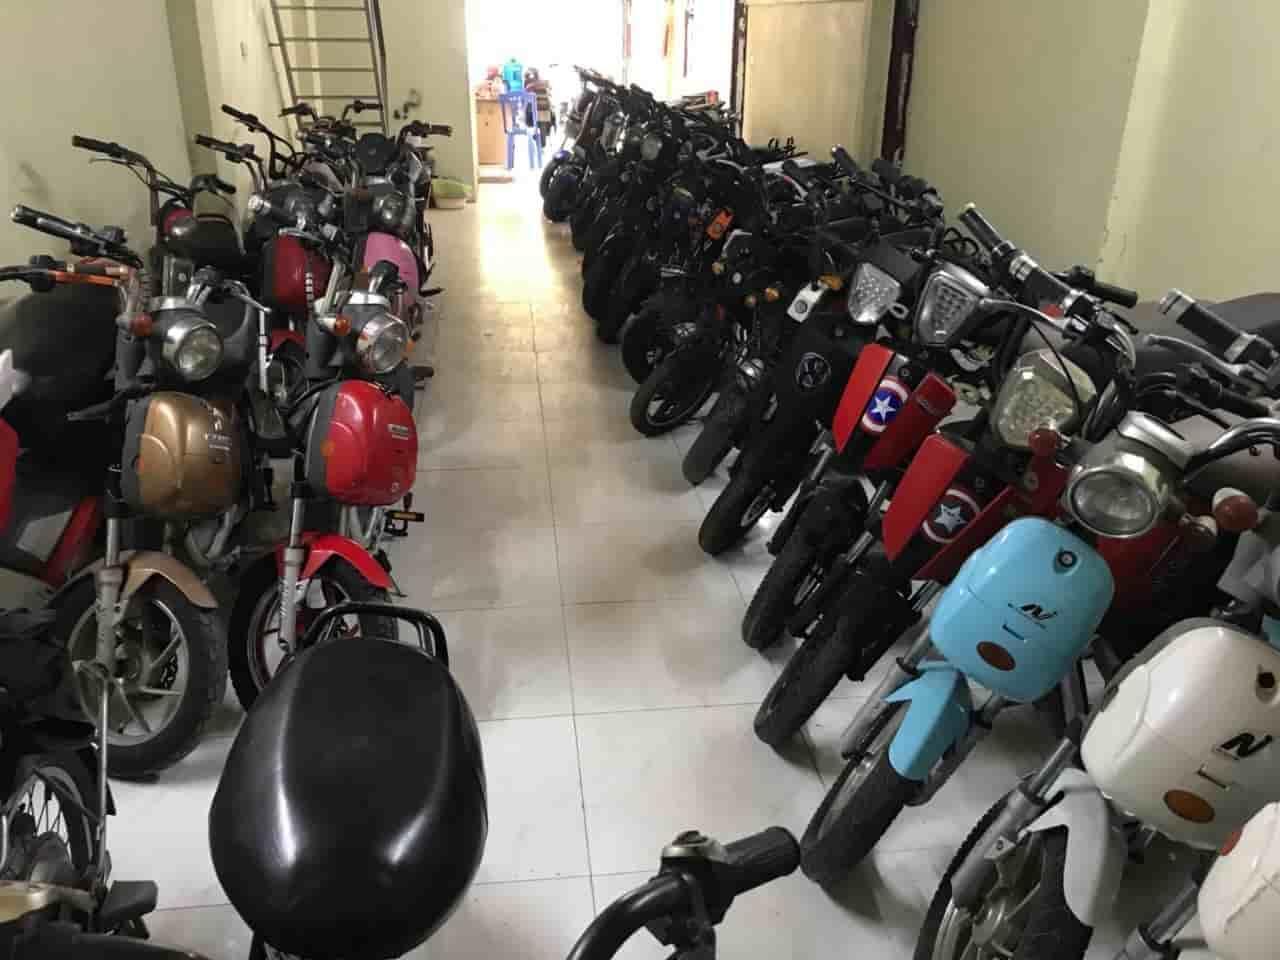 xe đạp điện cũ tại Tỉnh Quảng Bình